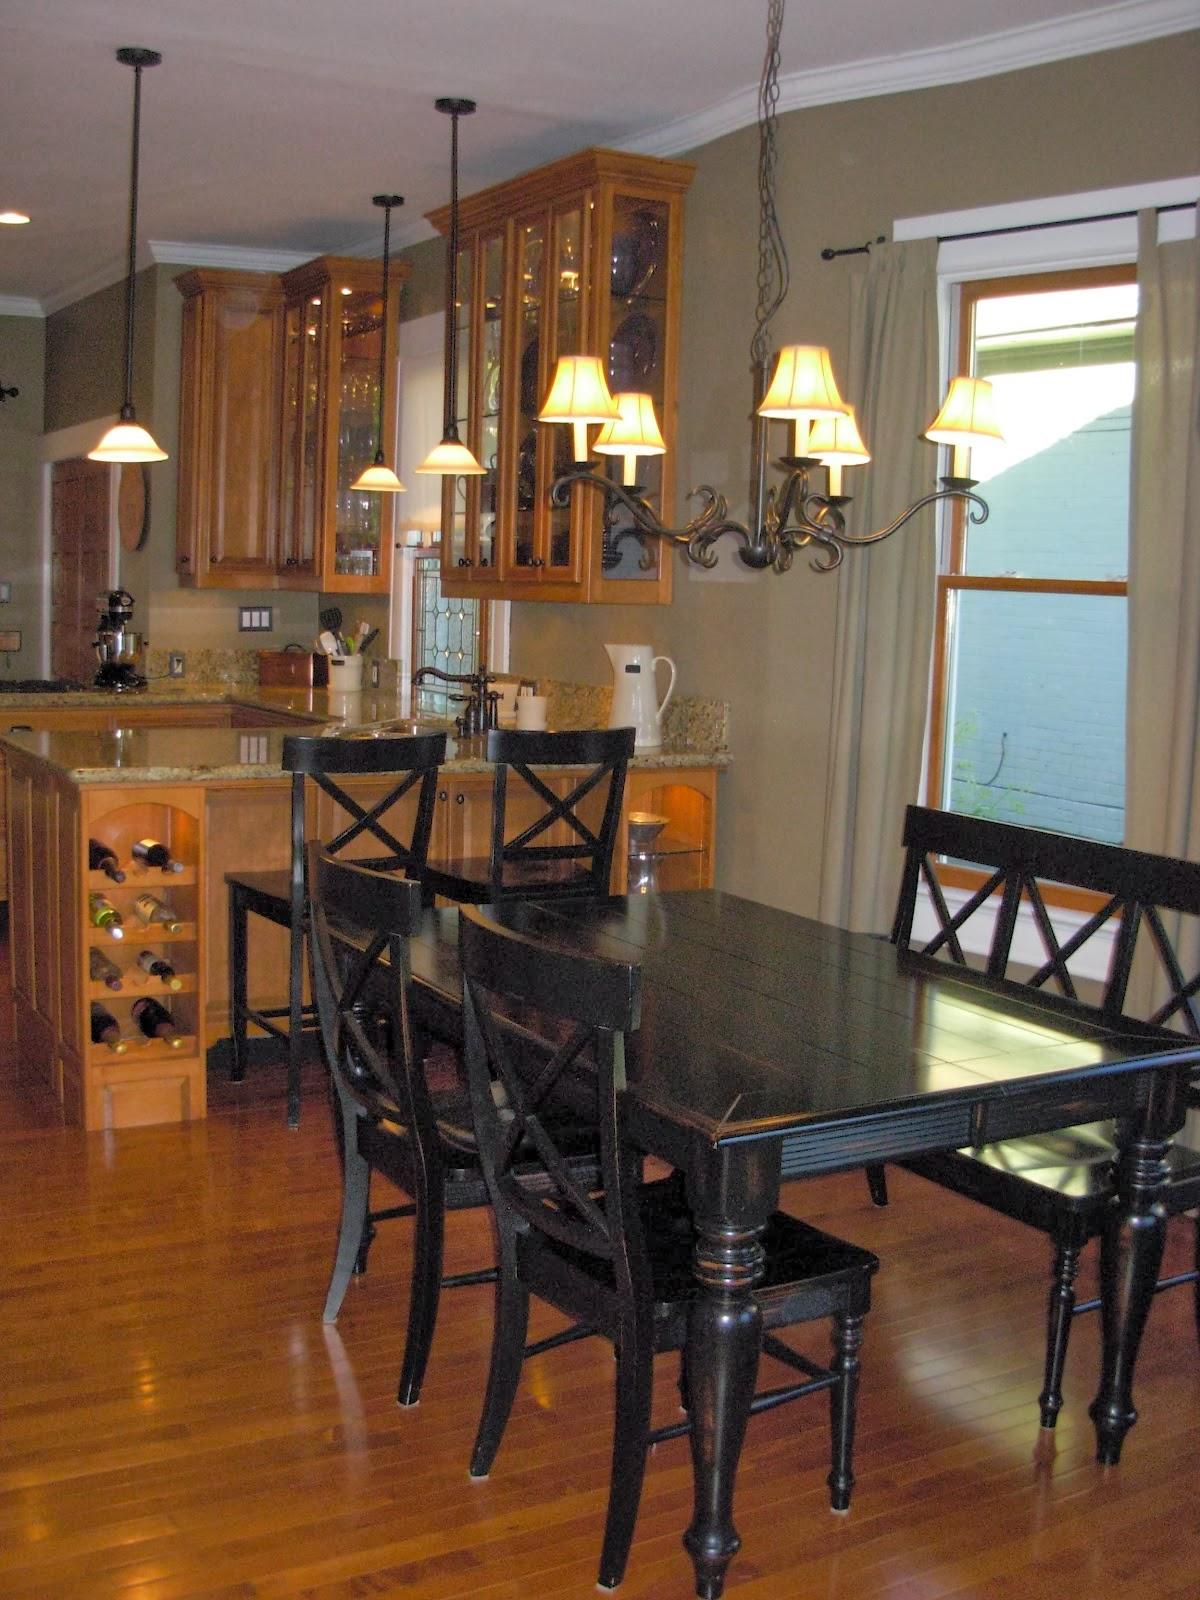 avenues rentals. Black Bedroom Furniture Sets. Home Design Ideas